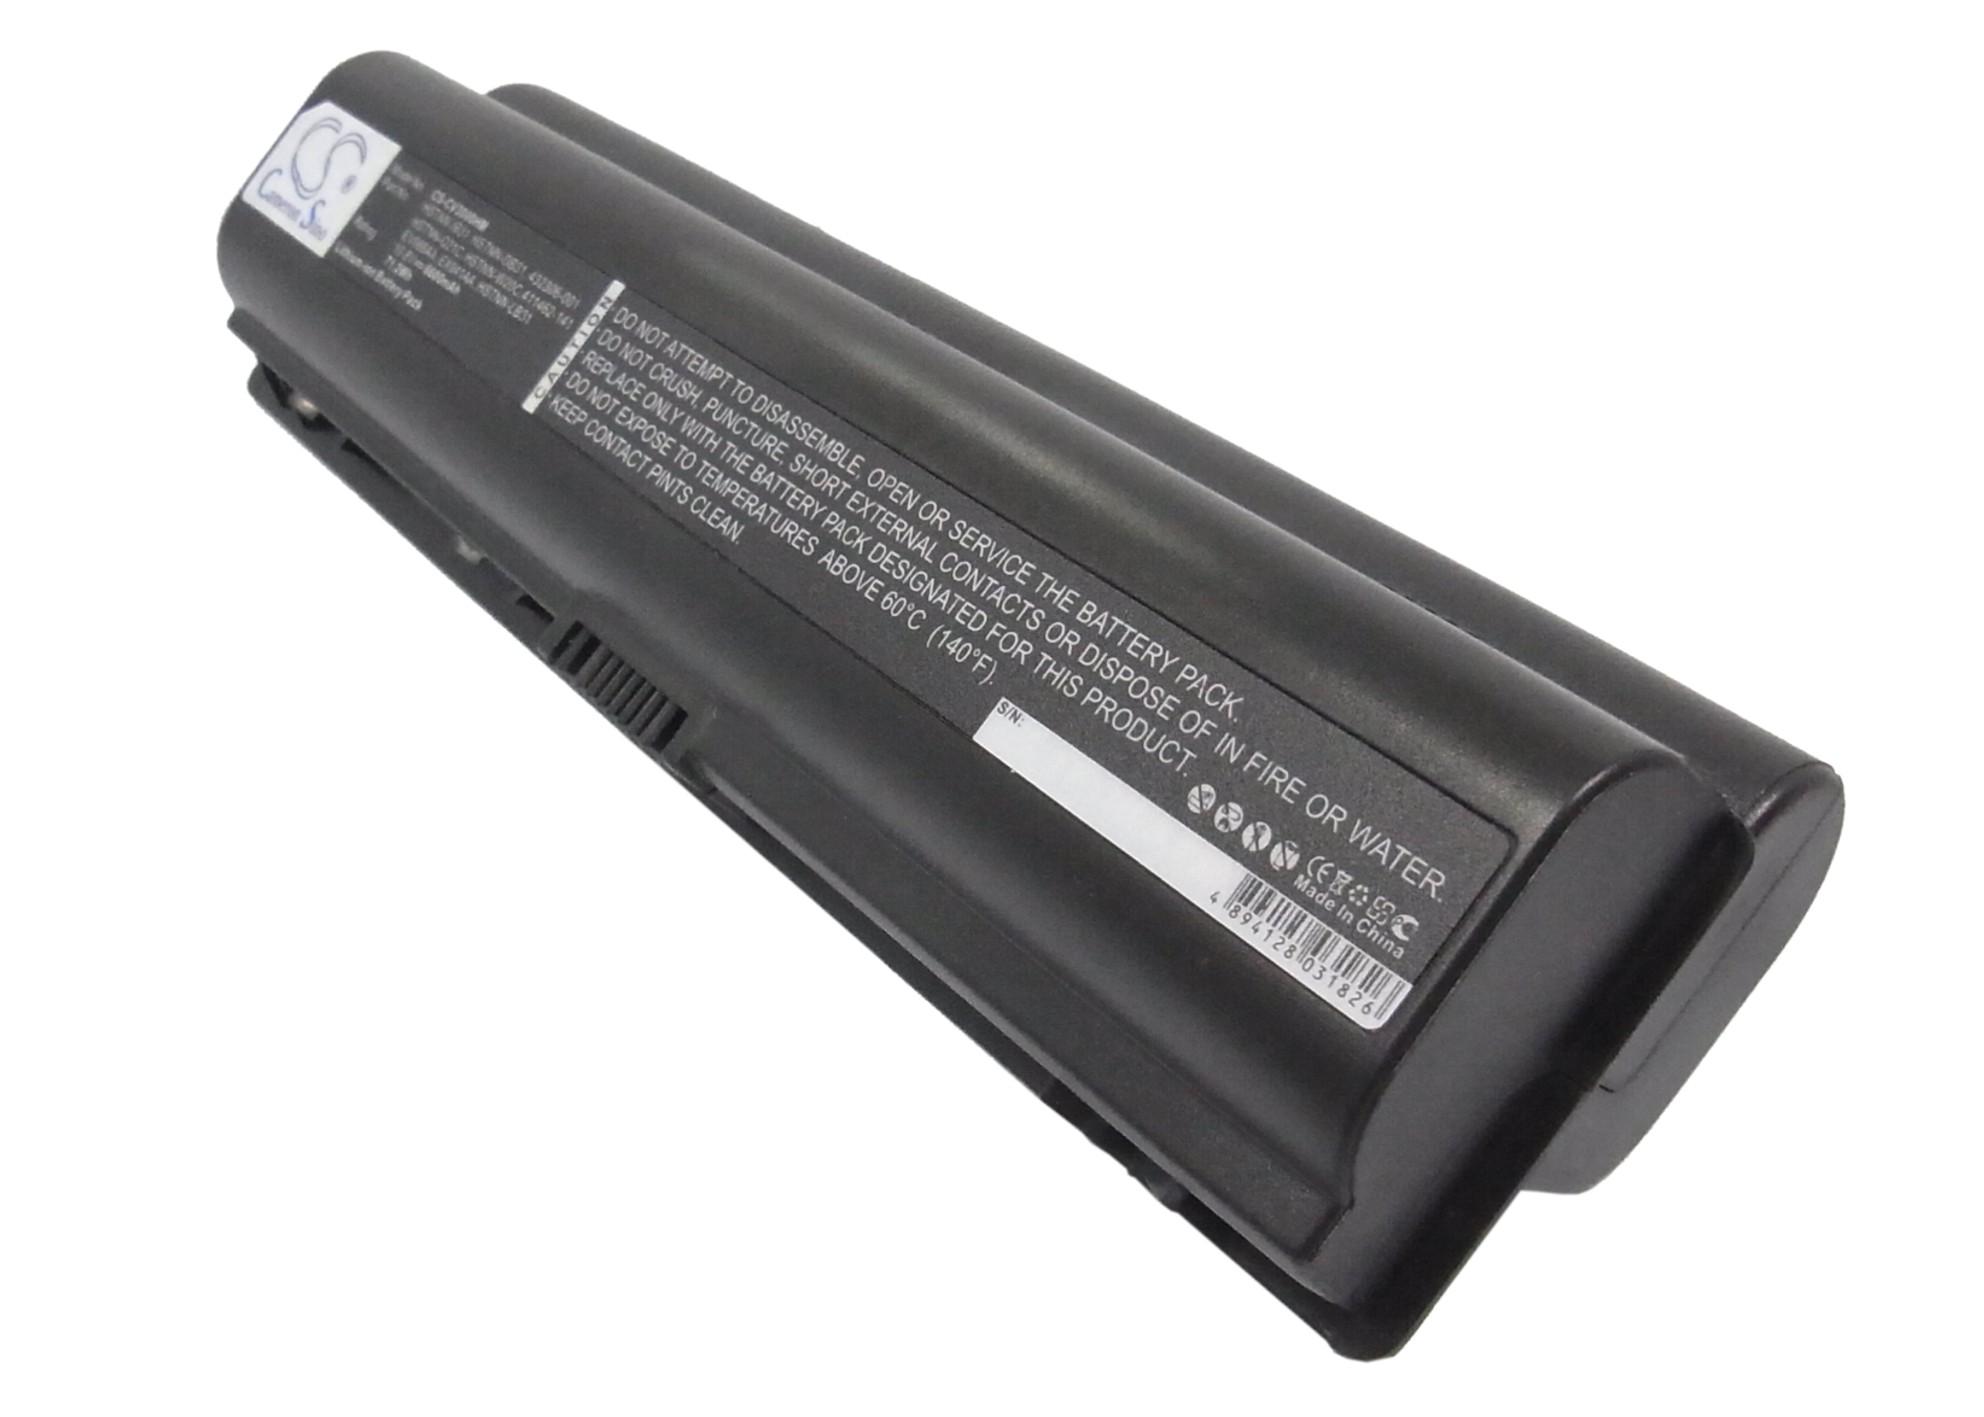 Cameron Sino baterie do notebooků pro HP Pavilion dv6500/CT 10.8V Li-ion 6600mAh černá - neoriginální